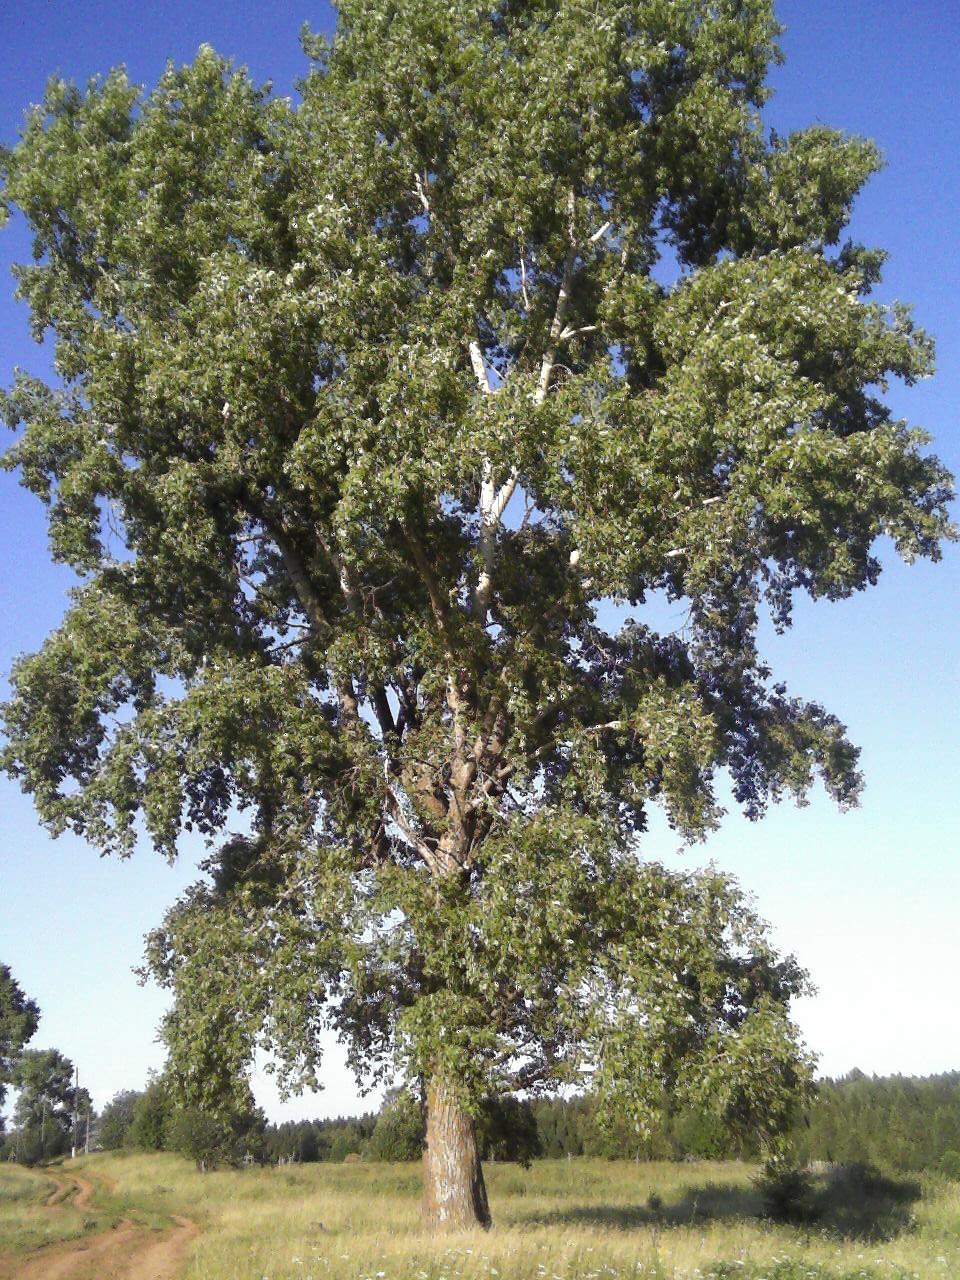 тополь дерево картинка для просмотра забывайте делится